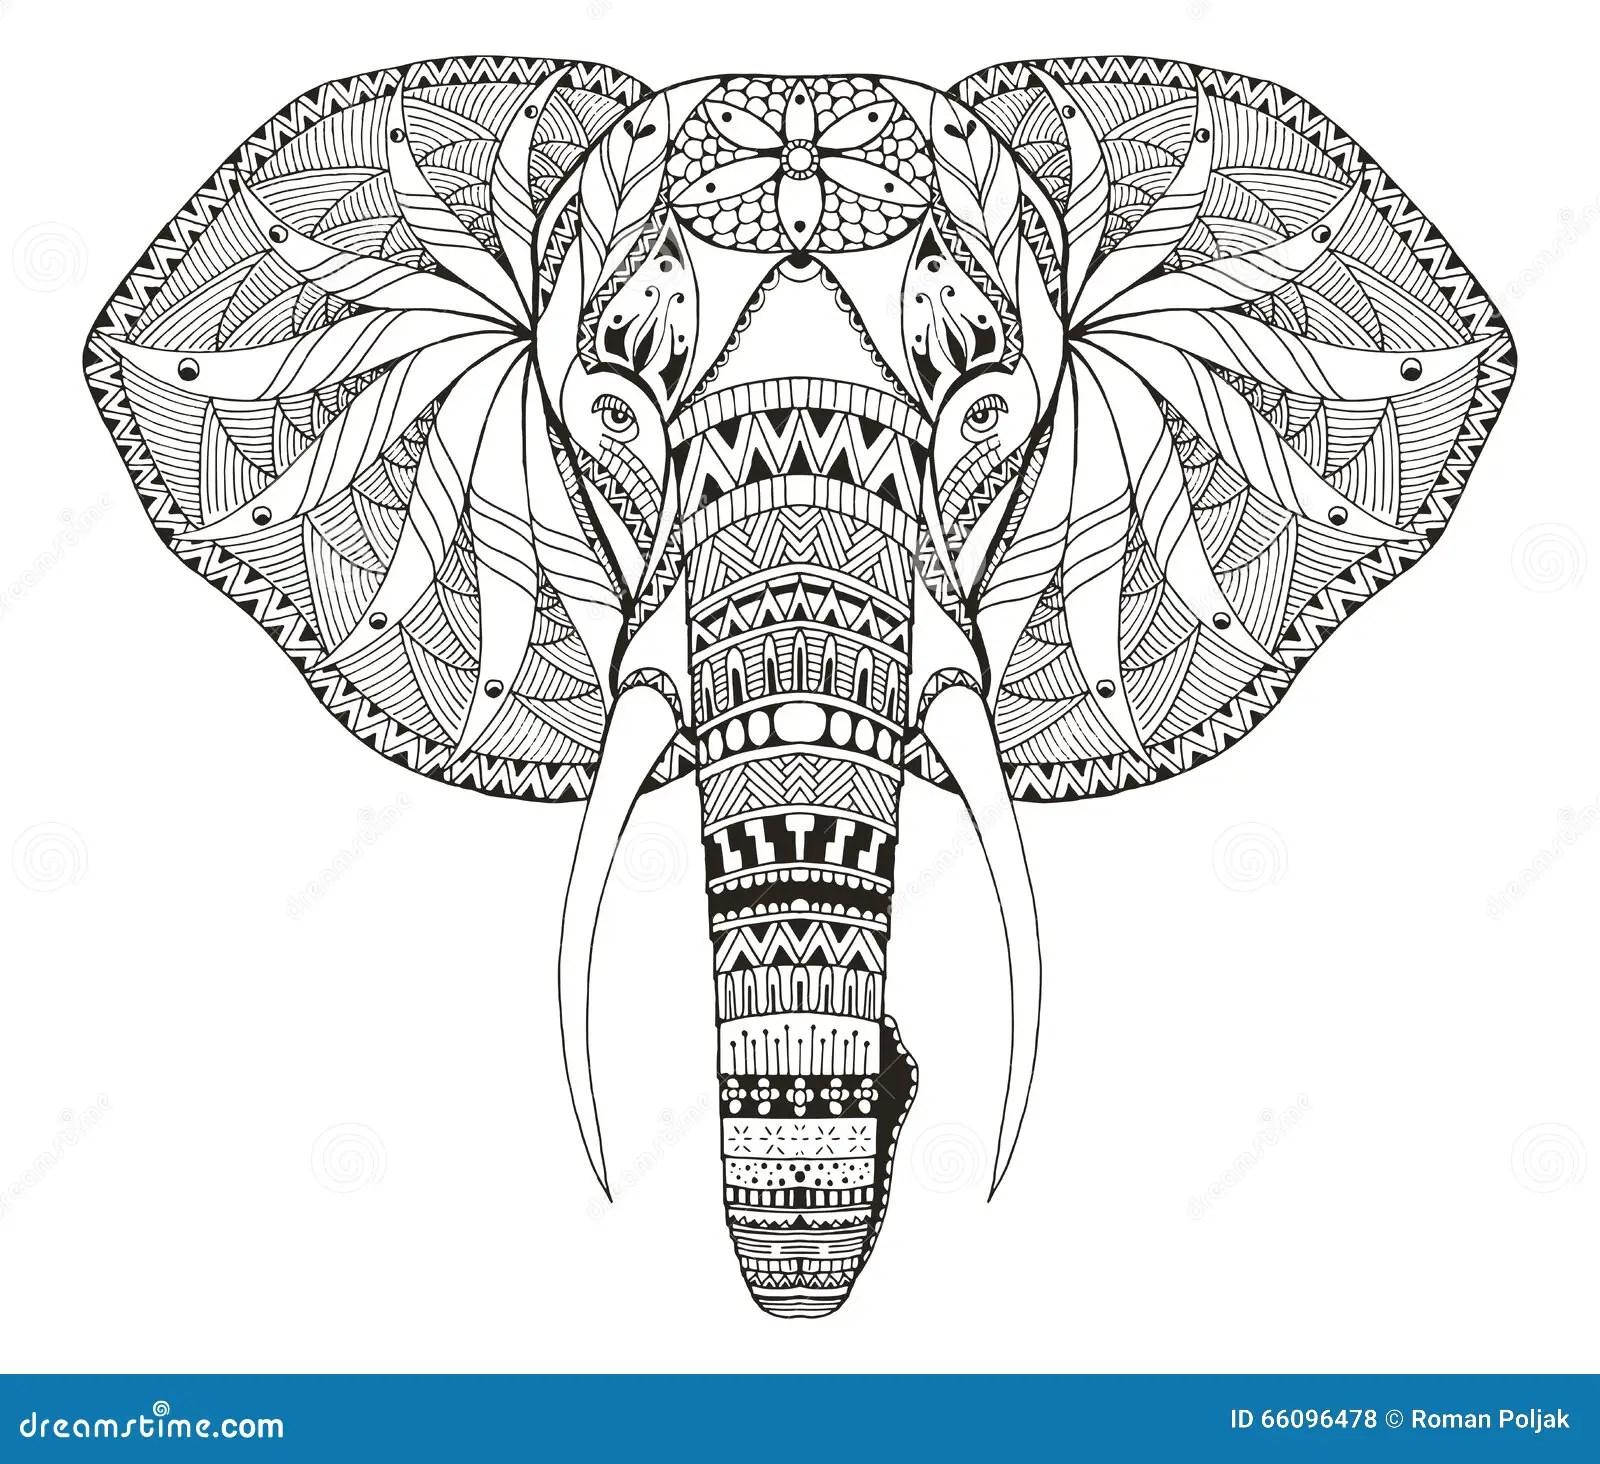 Elefant Haupt Zentangle Stilisierte Vector Illustration